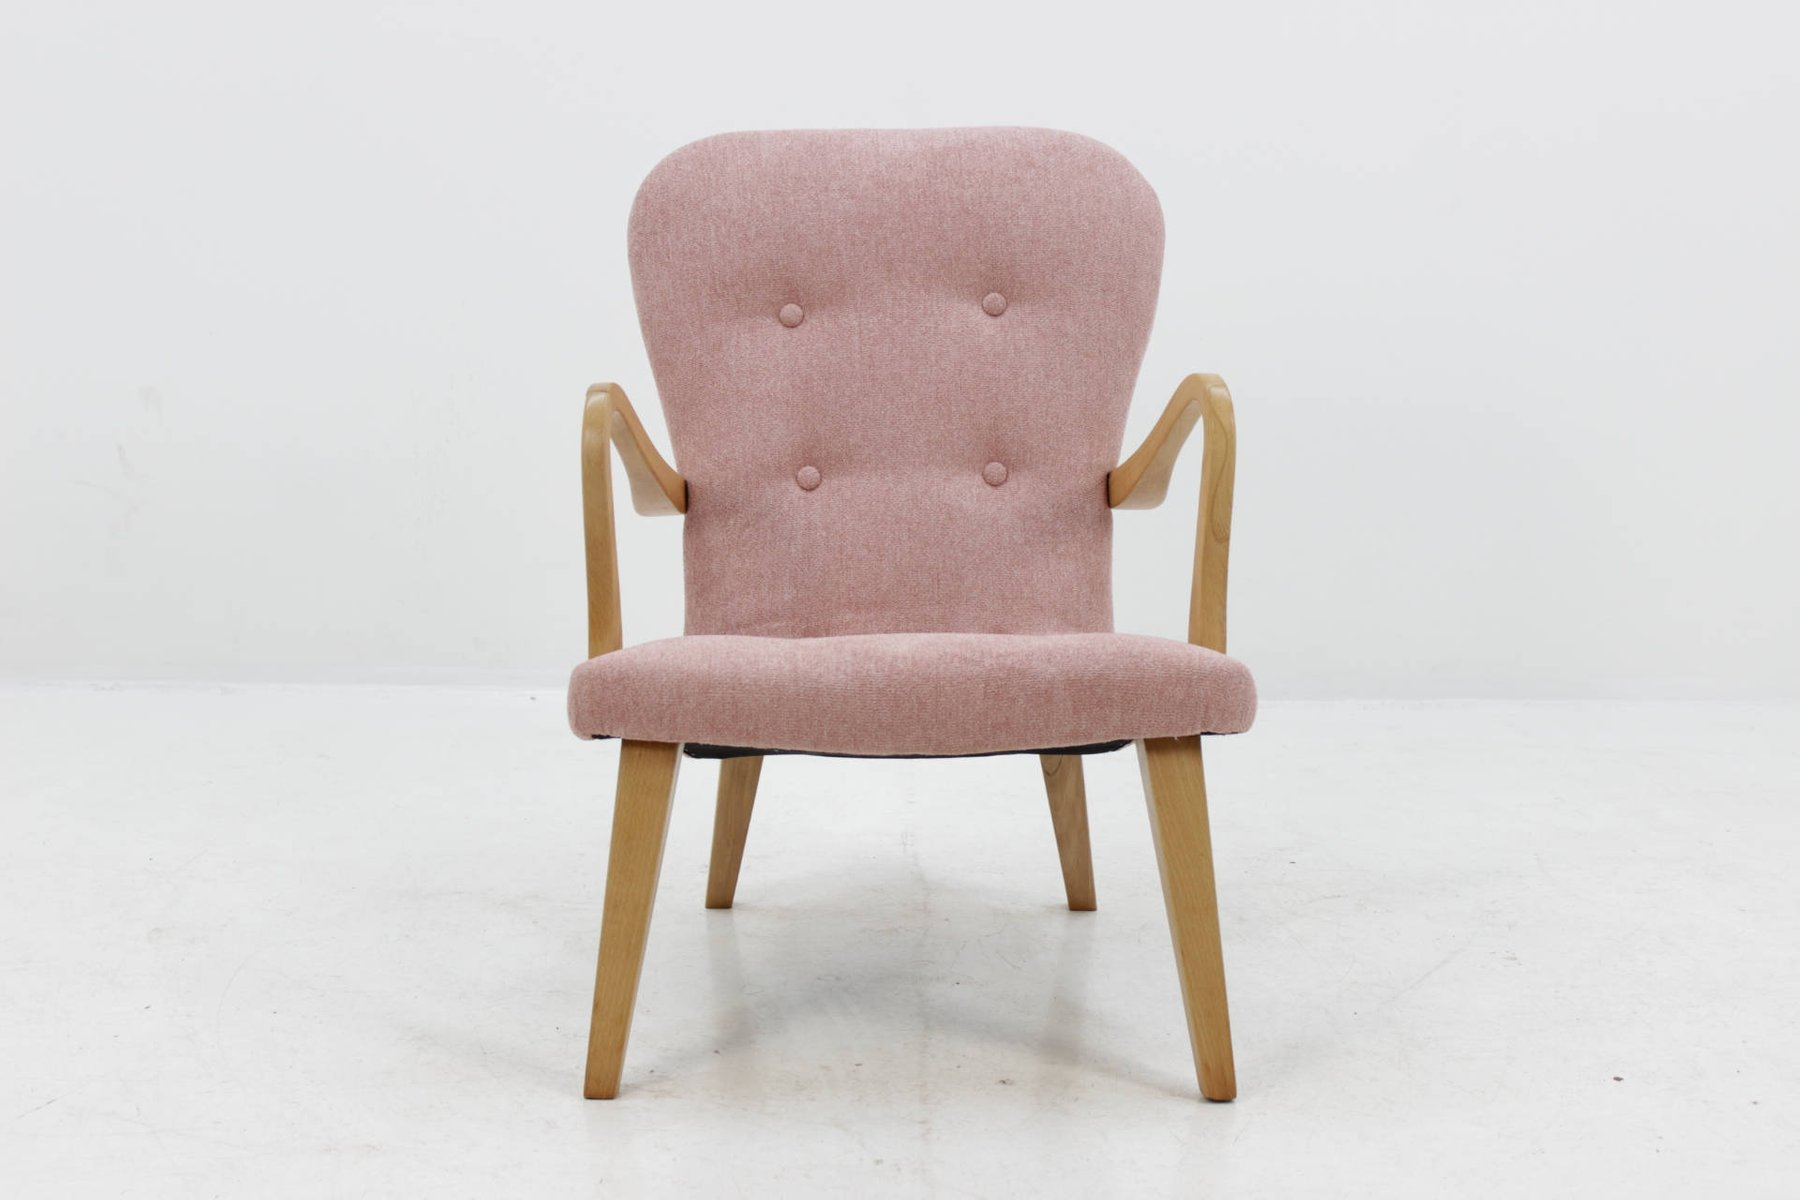 d nischer eichenholz sessel mit hocker 1960er bei pamono kaufen. Black Bedroom Furniture Sets. Home Design Ideas